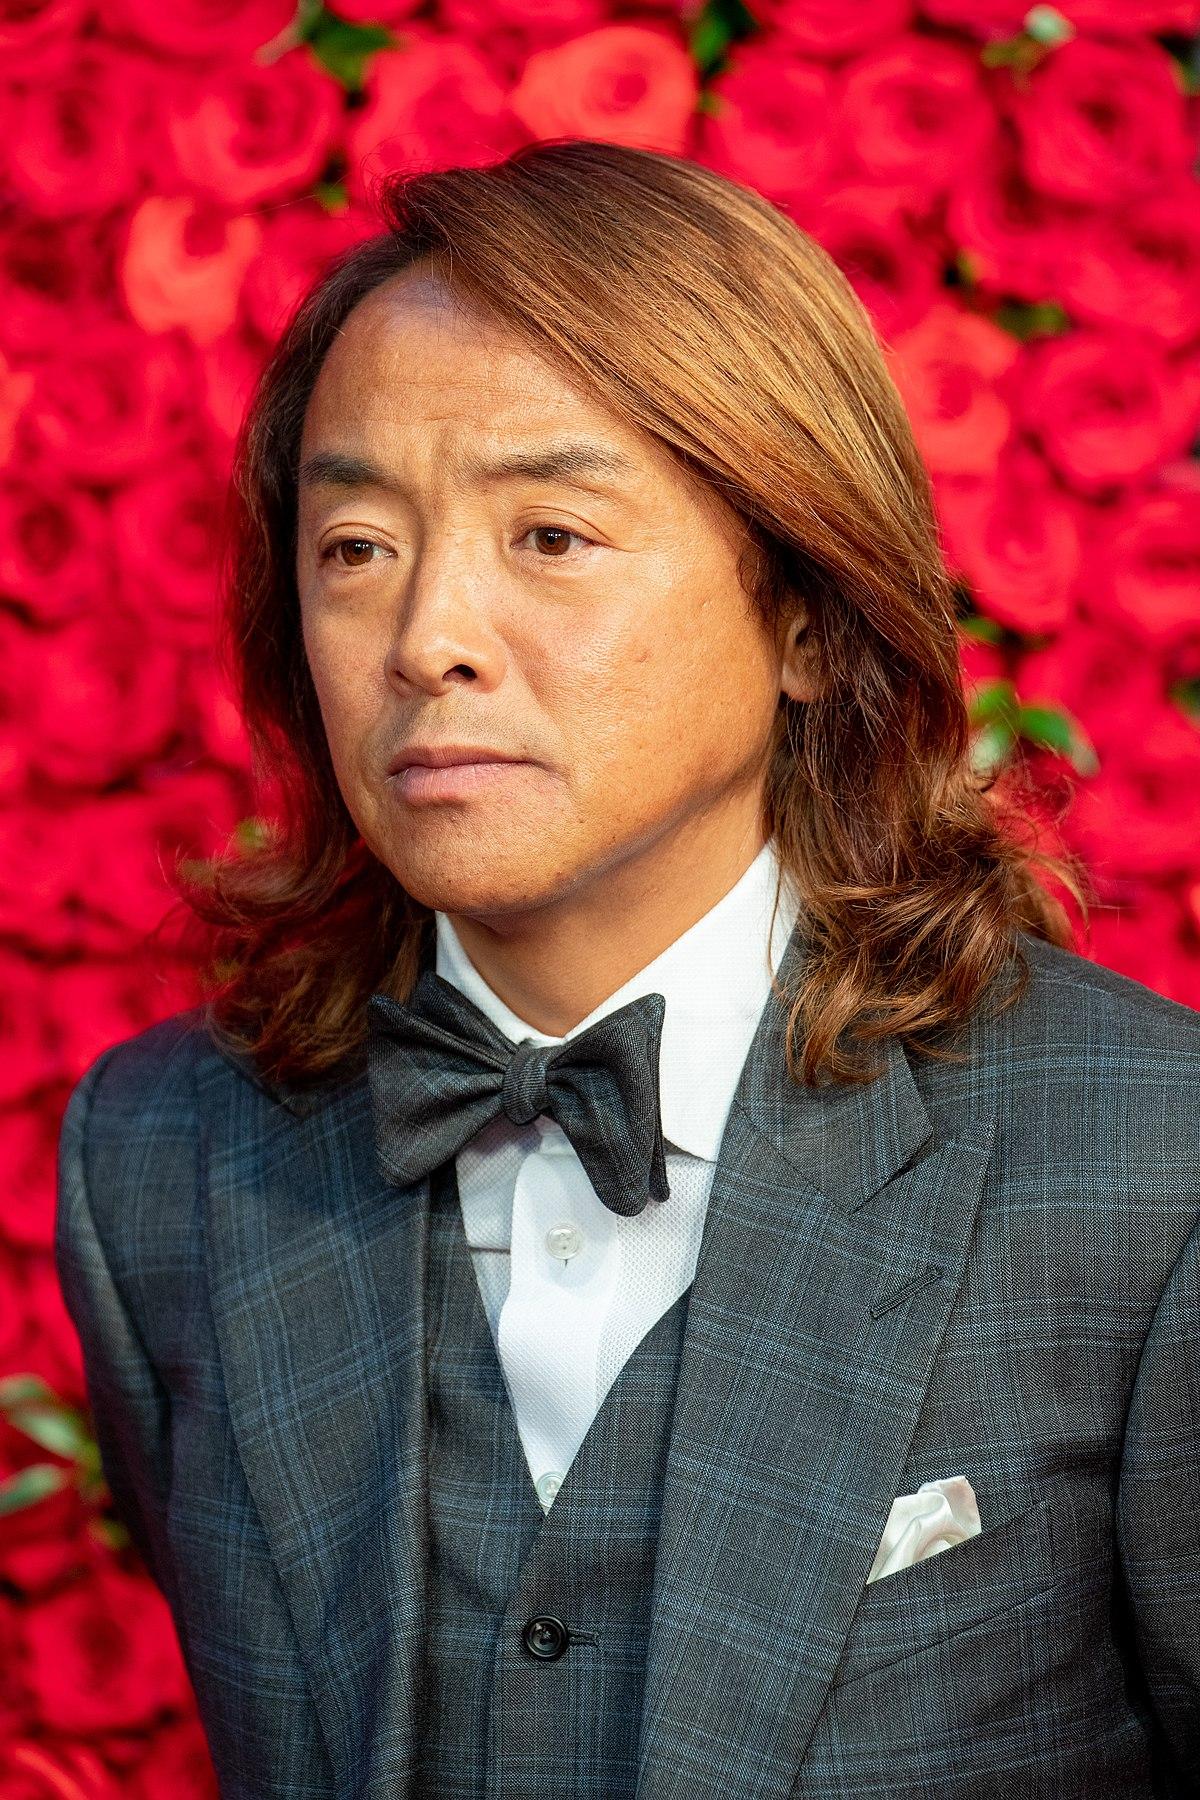 北澤豪 - Wikipedia